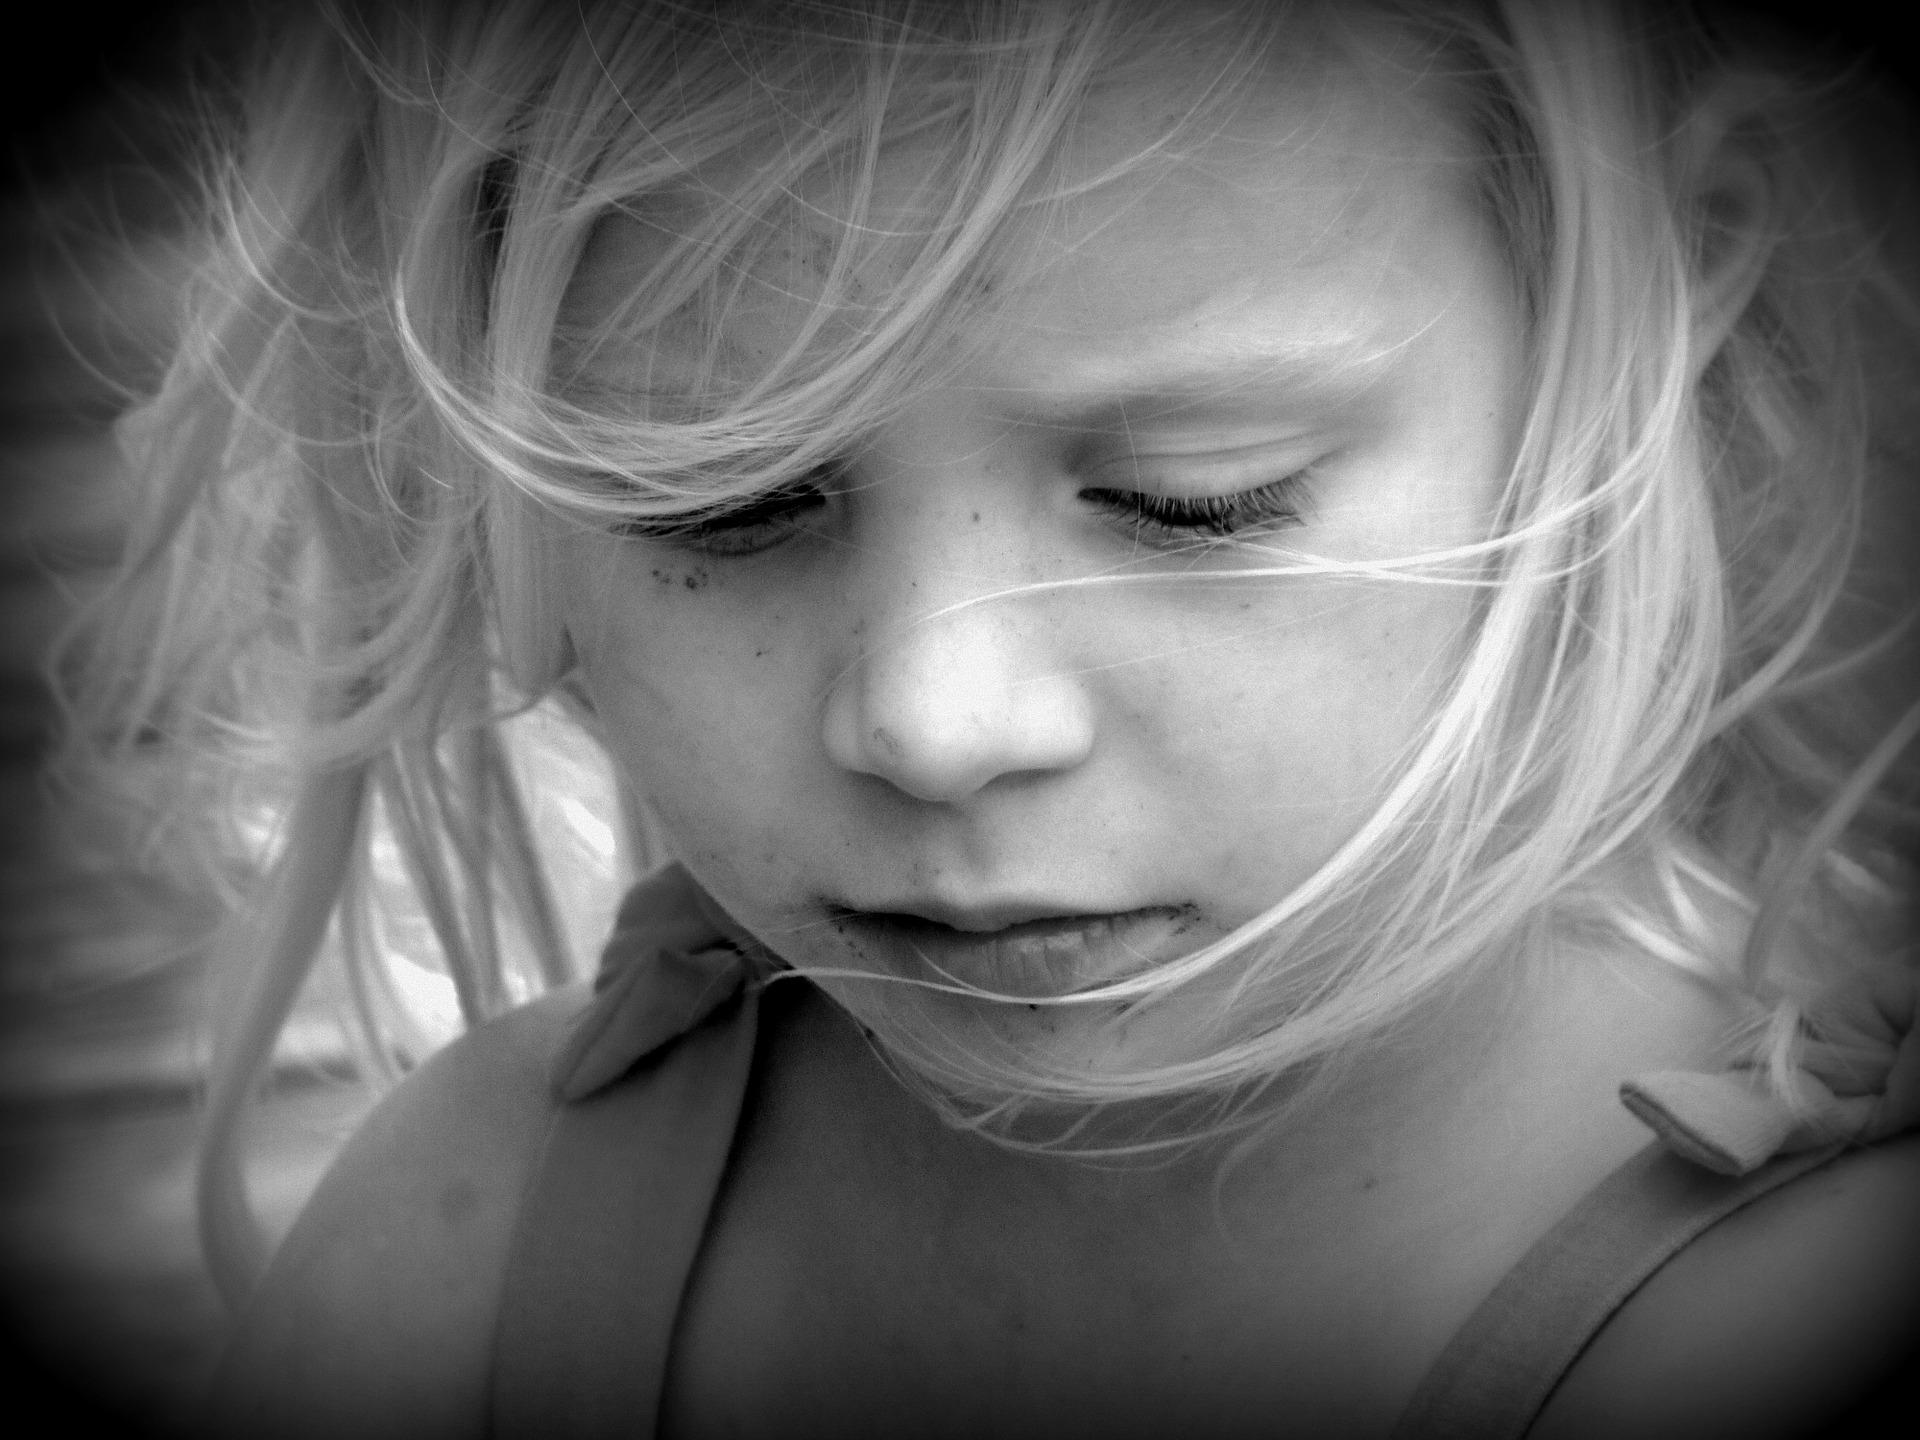 Zespół Aspergera - Szkolenie dla rodziców